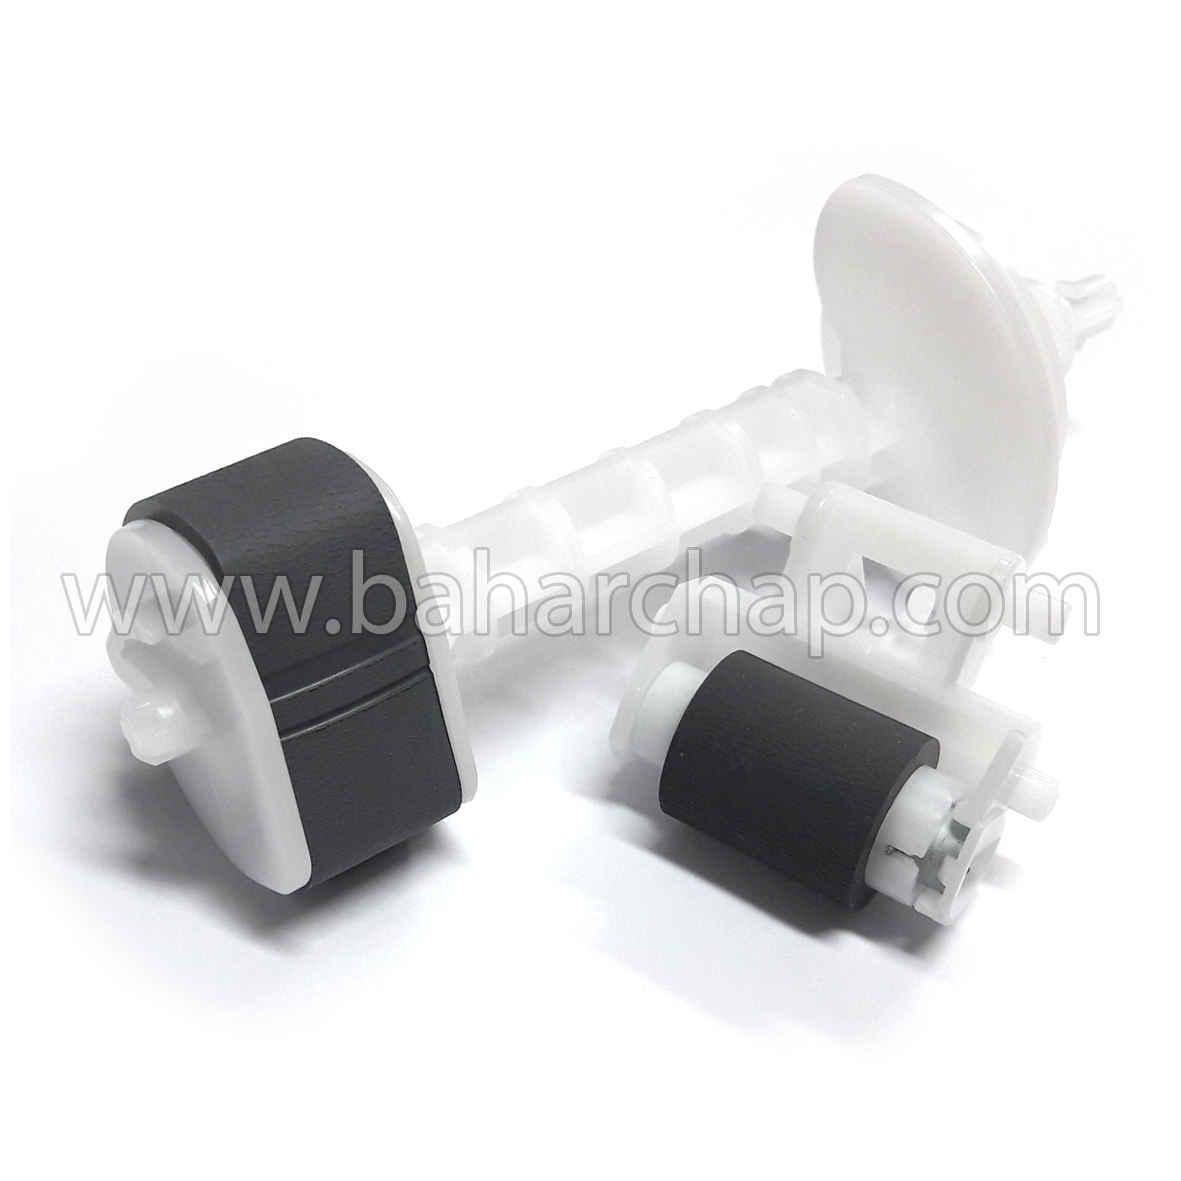 فروشگاه و خدمات اینترنتی بهارچاپ اصفهان-کاغذ کش پرینتر اپسون  Epson L300 L301 L351 L355 L358 L111 L120 L210 L211 -Pick up roller for Epson L300 L301 L351 L355 L358 L111 L120 L210 L211 Print head NS30